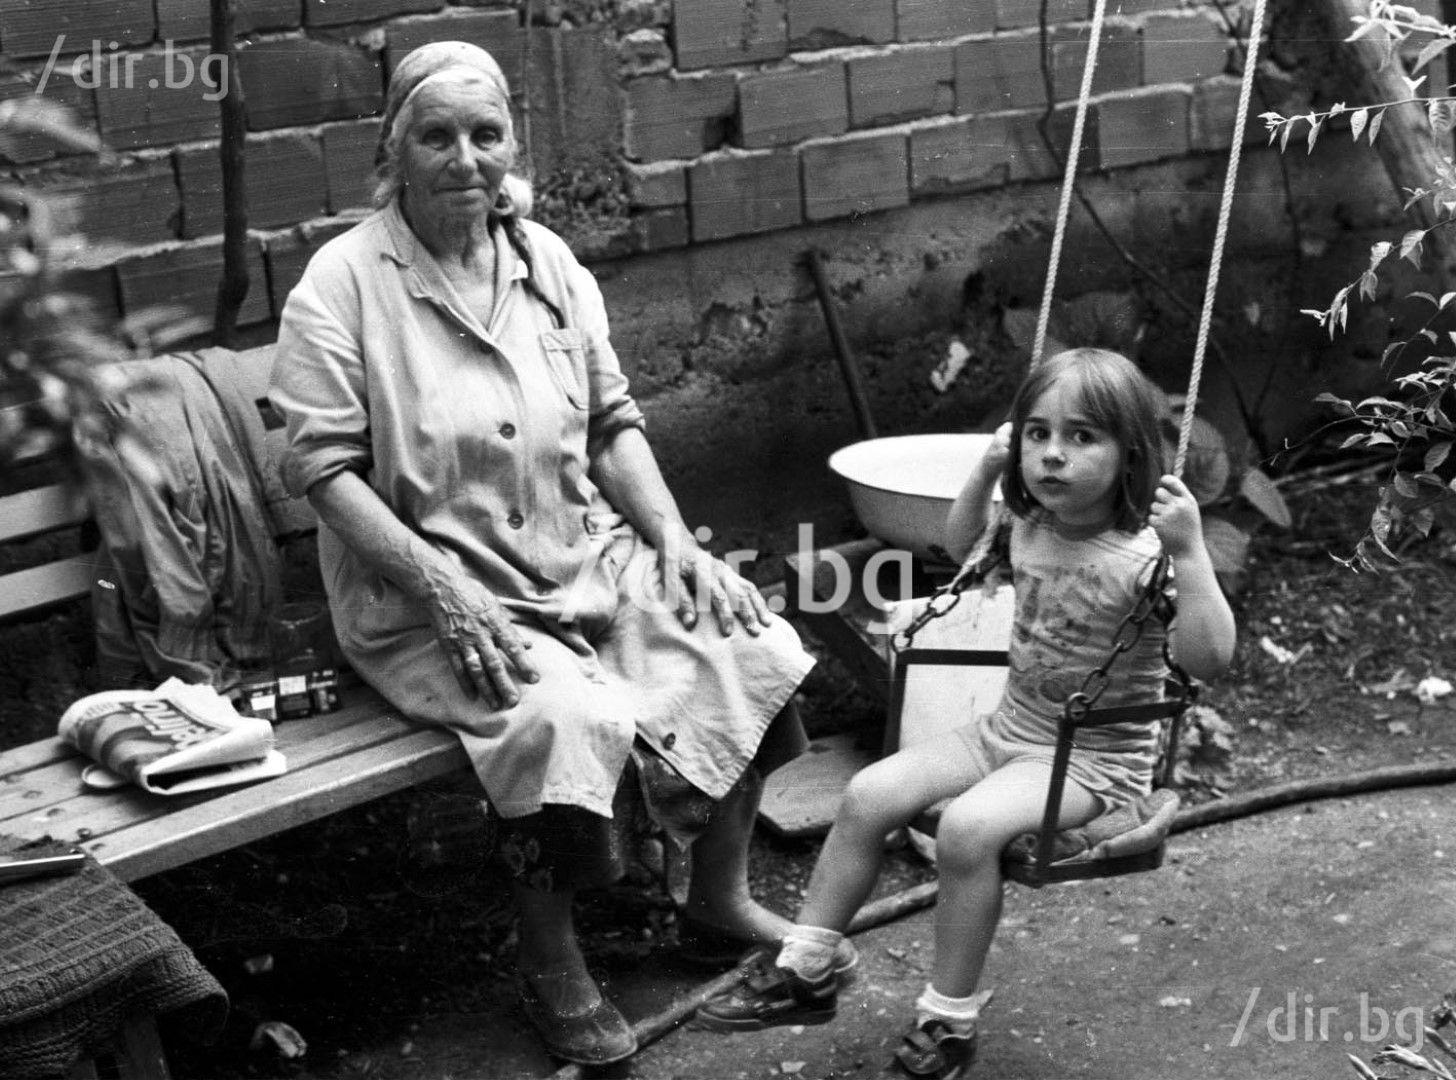 Баба Петранка, Пенкината майка, е отгледала много внуци. Днес вече не е между живите. На снимката е с голямата племенница на Ицо Петя. Снимка: Иван ГРИГОРОВ